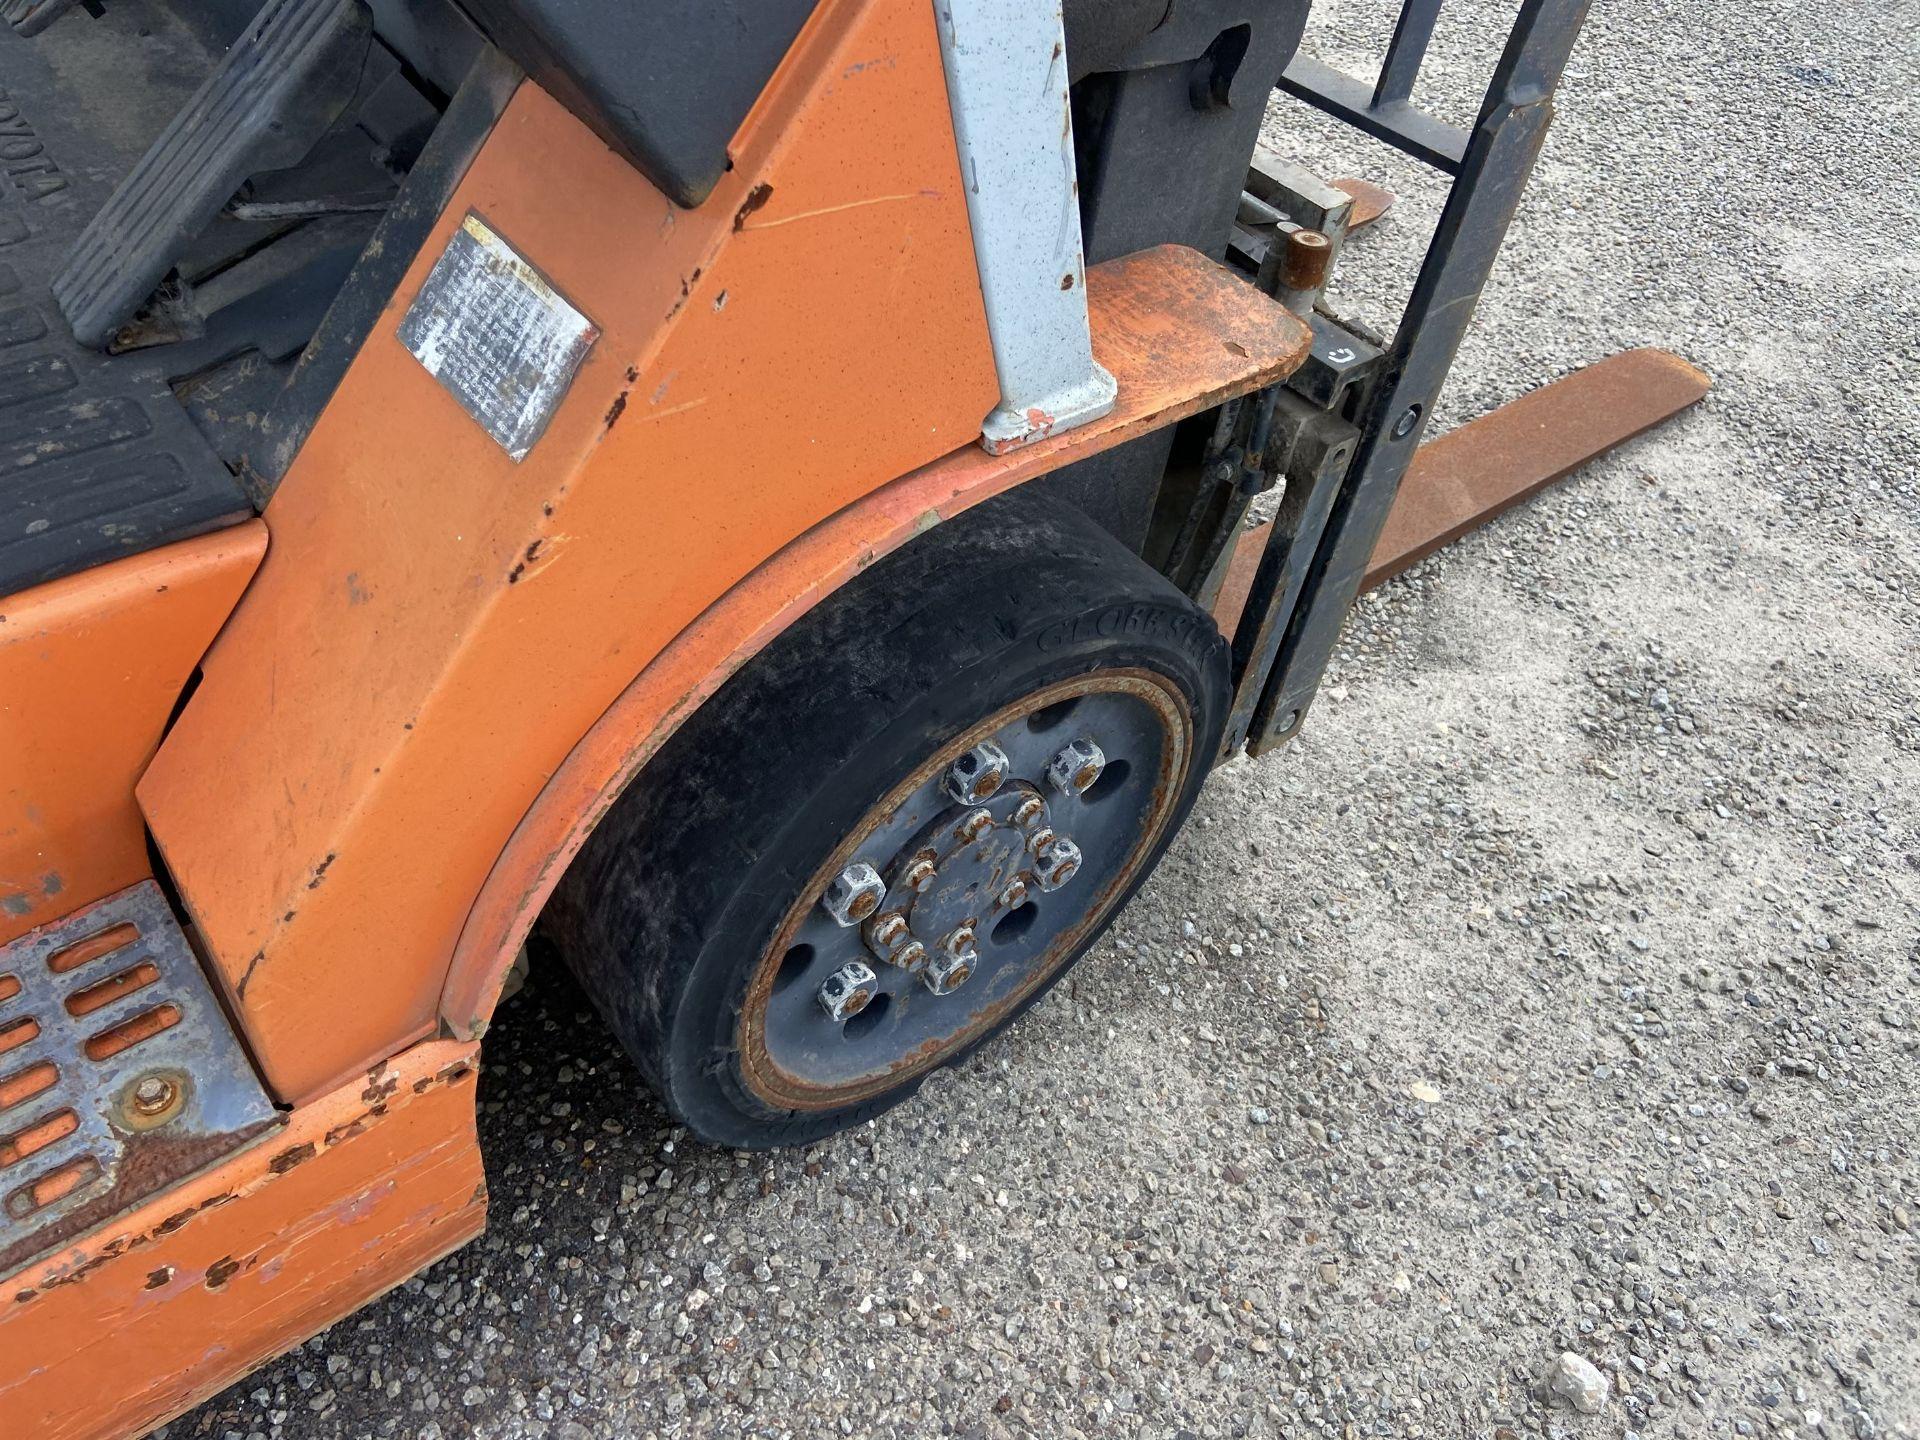 """Toyota 7FGCU25 2500 Lb LP Forklift, 189"""" lift, 3 Stage, Side Shift, 42"""" Forks, solid Tires, s/n - Image 5 of 8"""